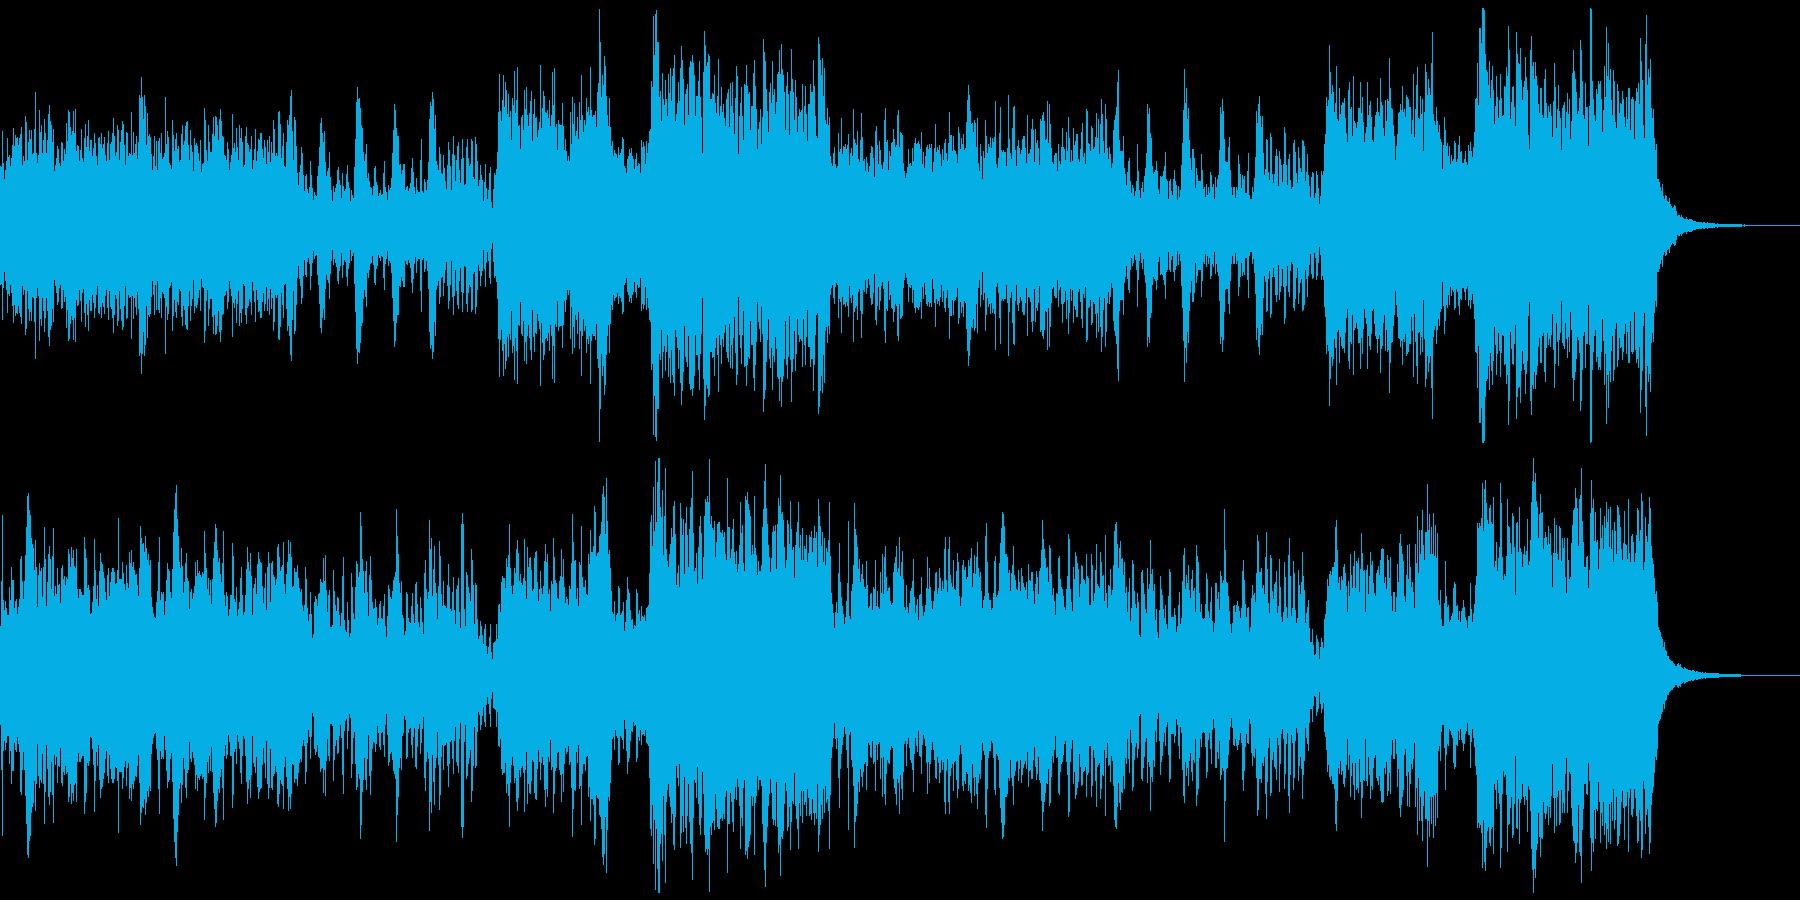 日常、アニメ、お笑い系、はちゃめちゃな曲の再生済みの波形